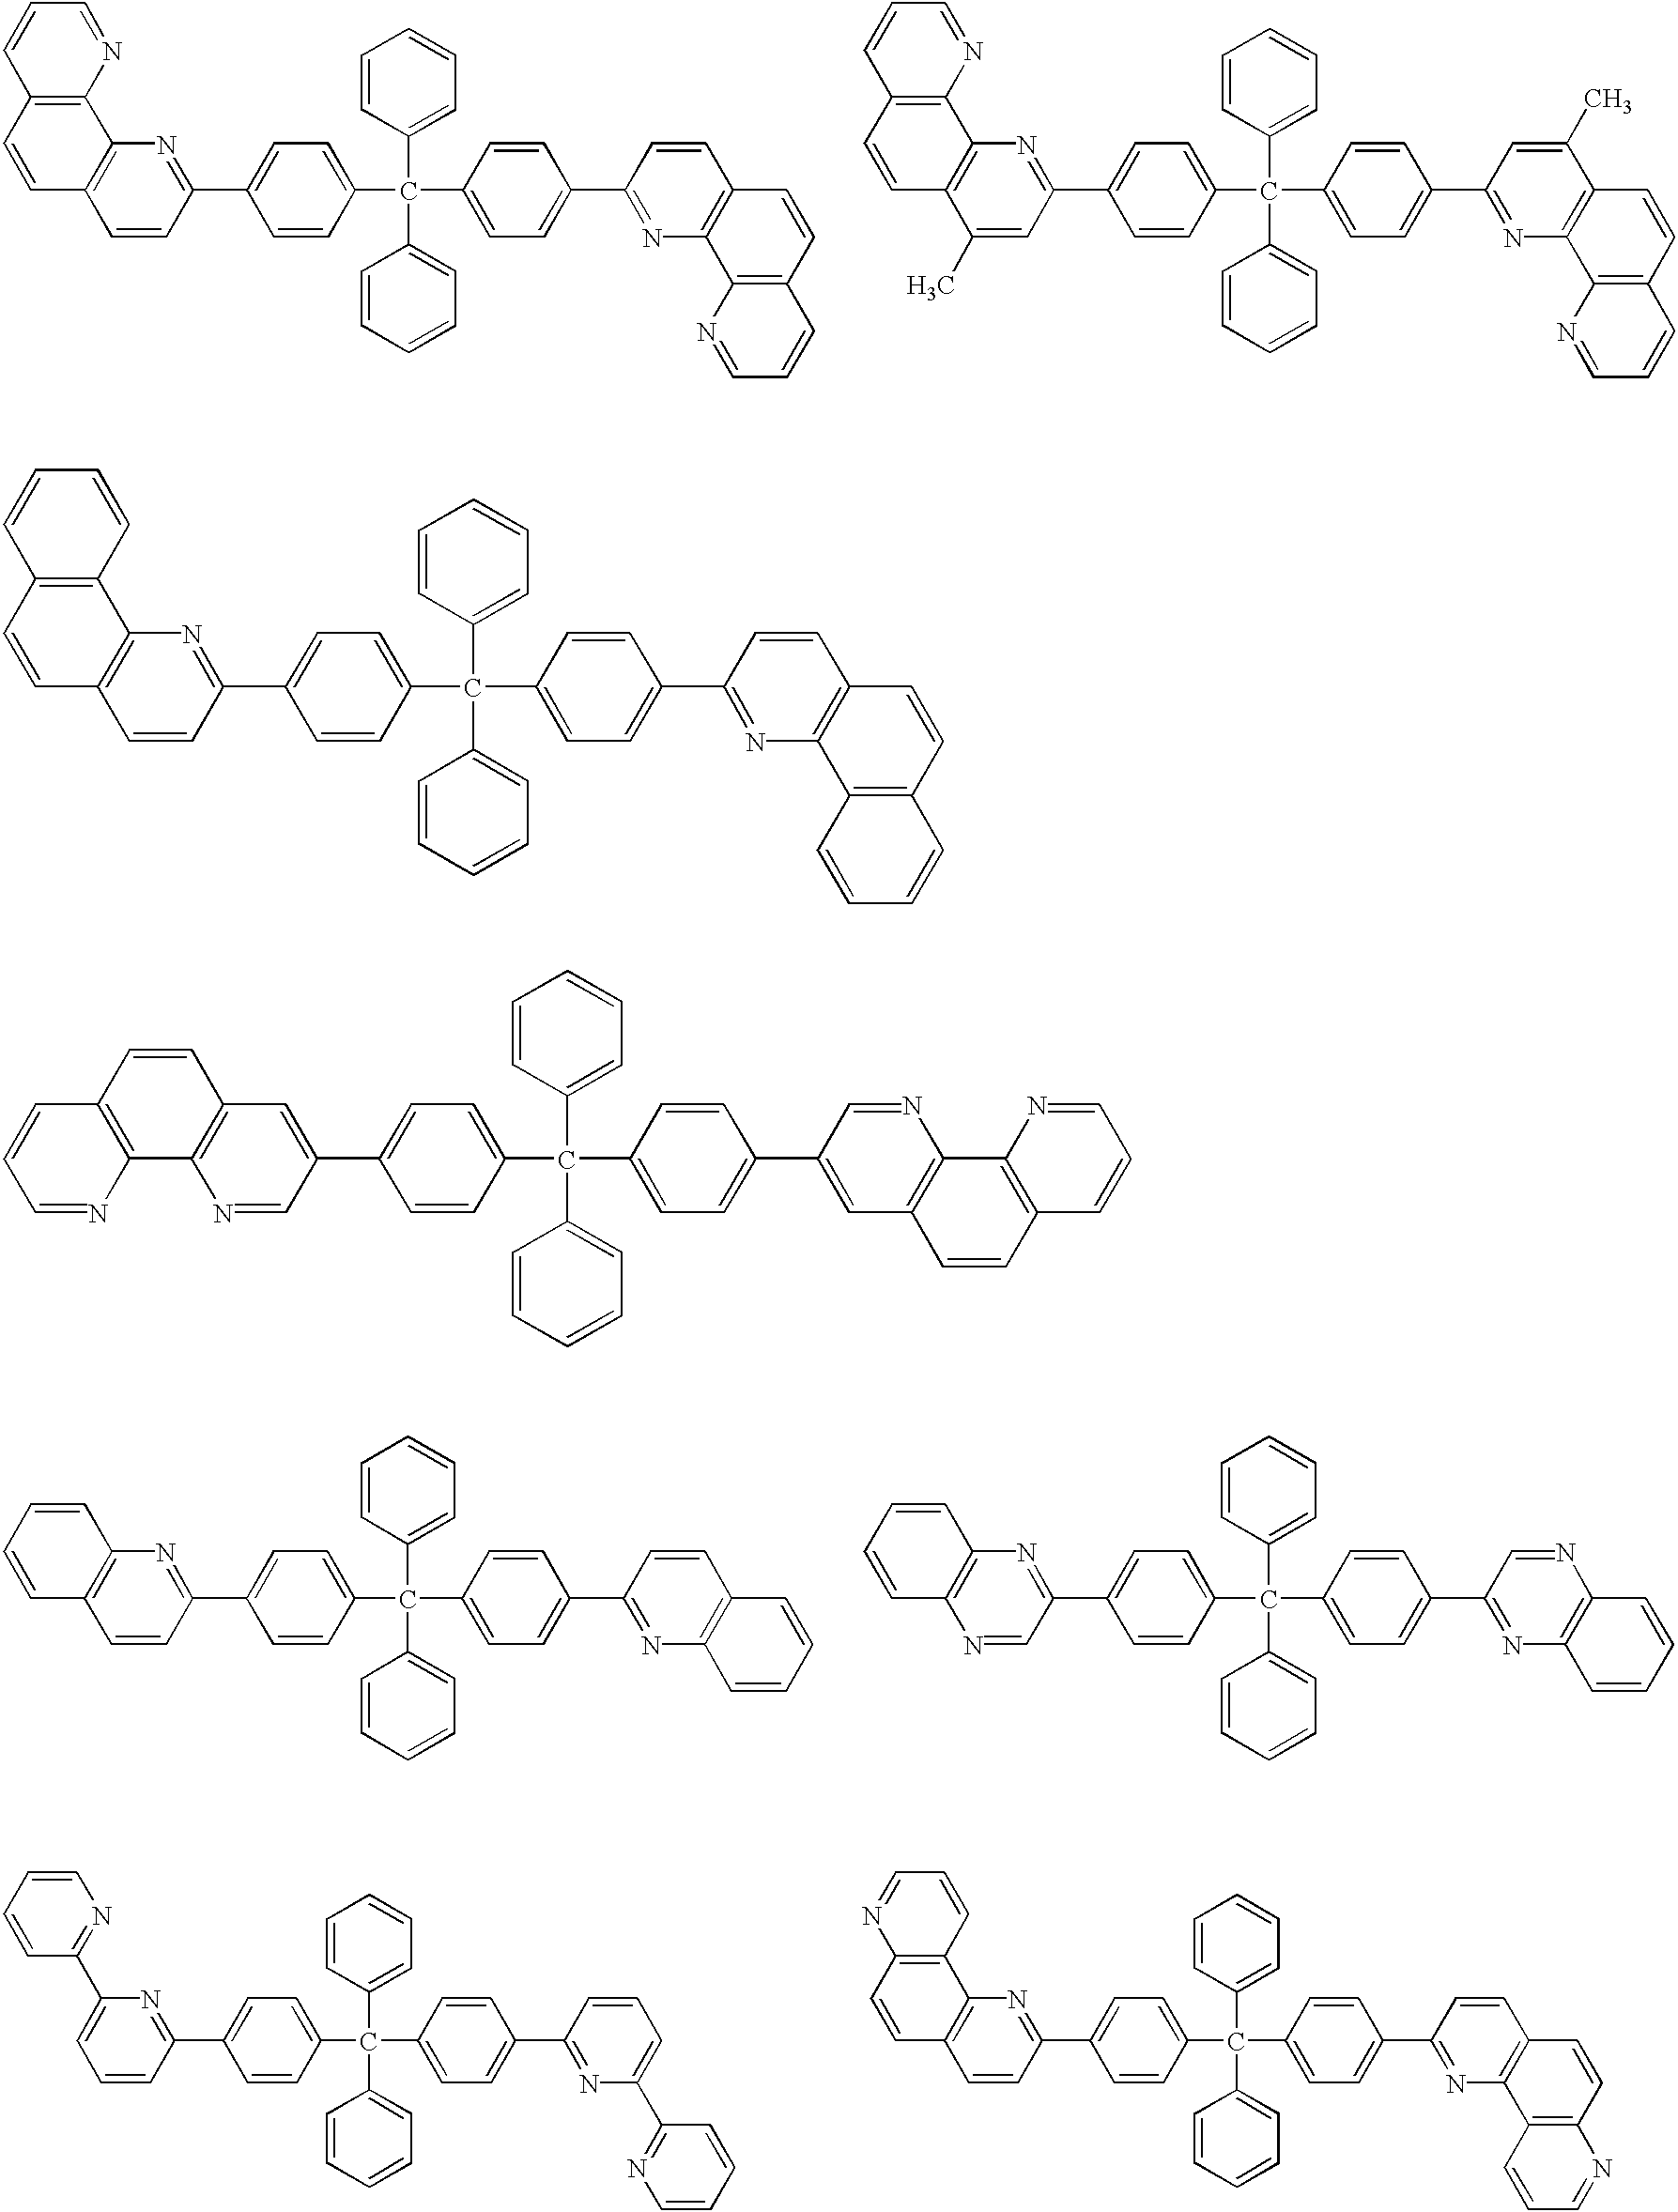 Figure US20030168970A1-20030911-C00029